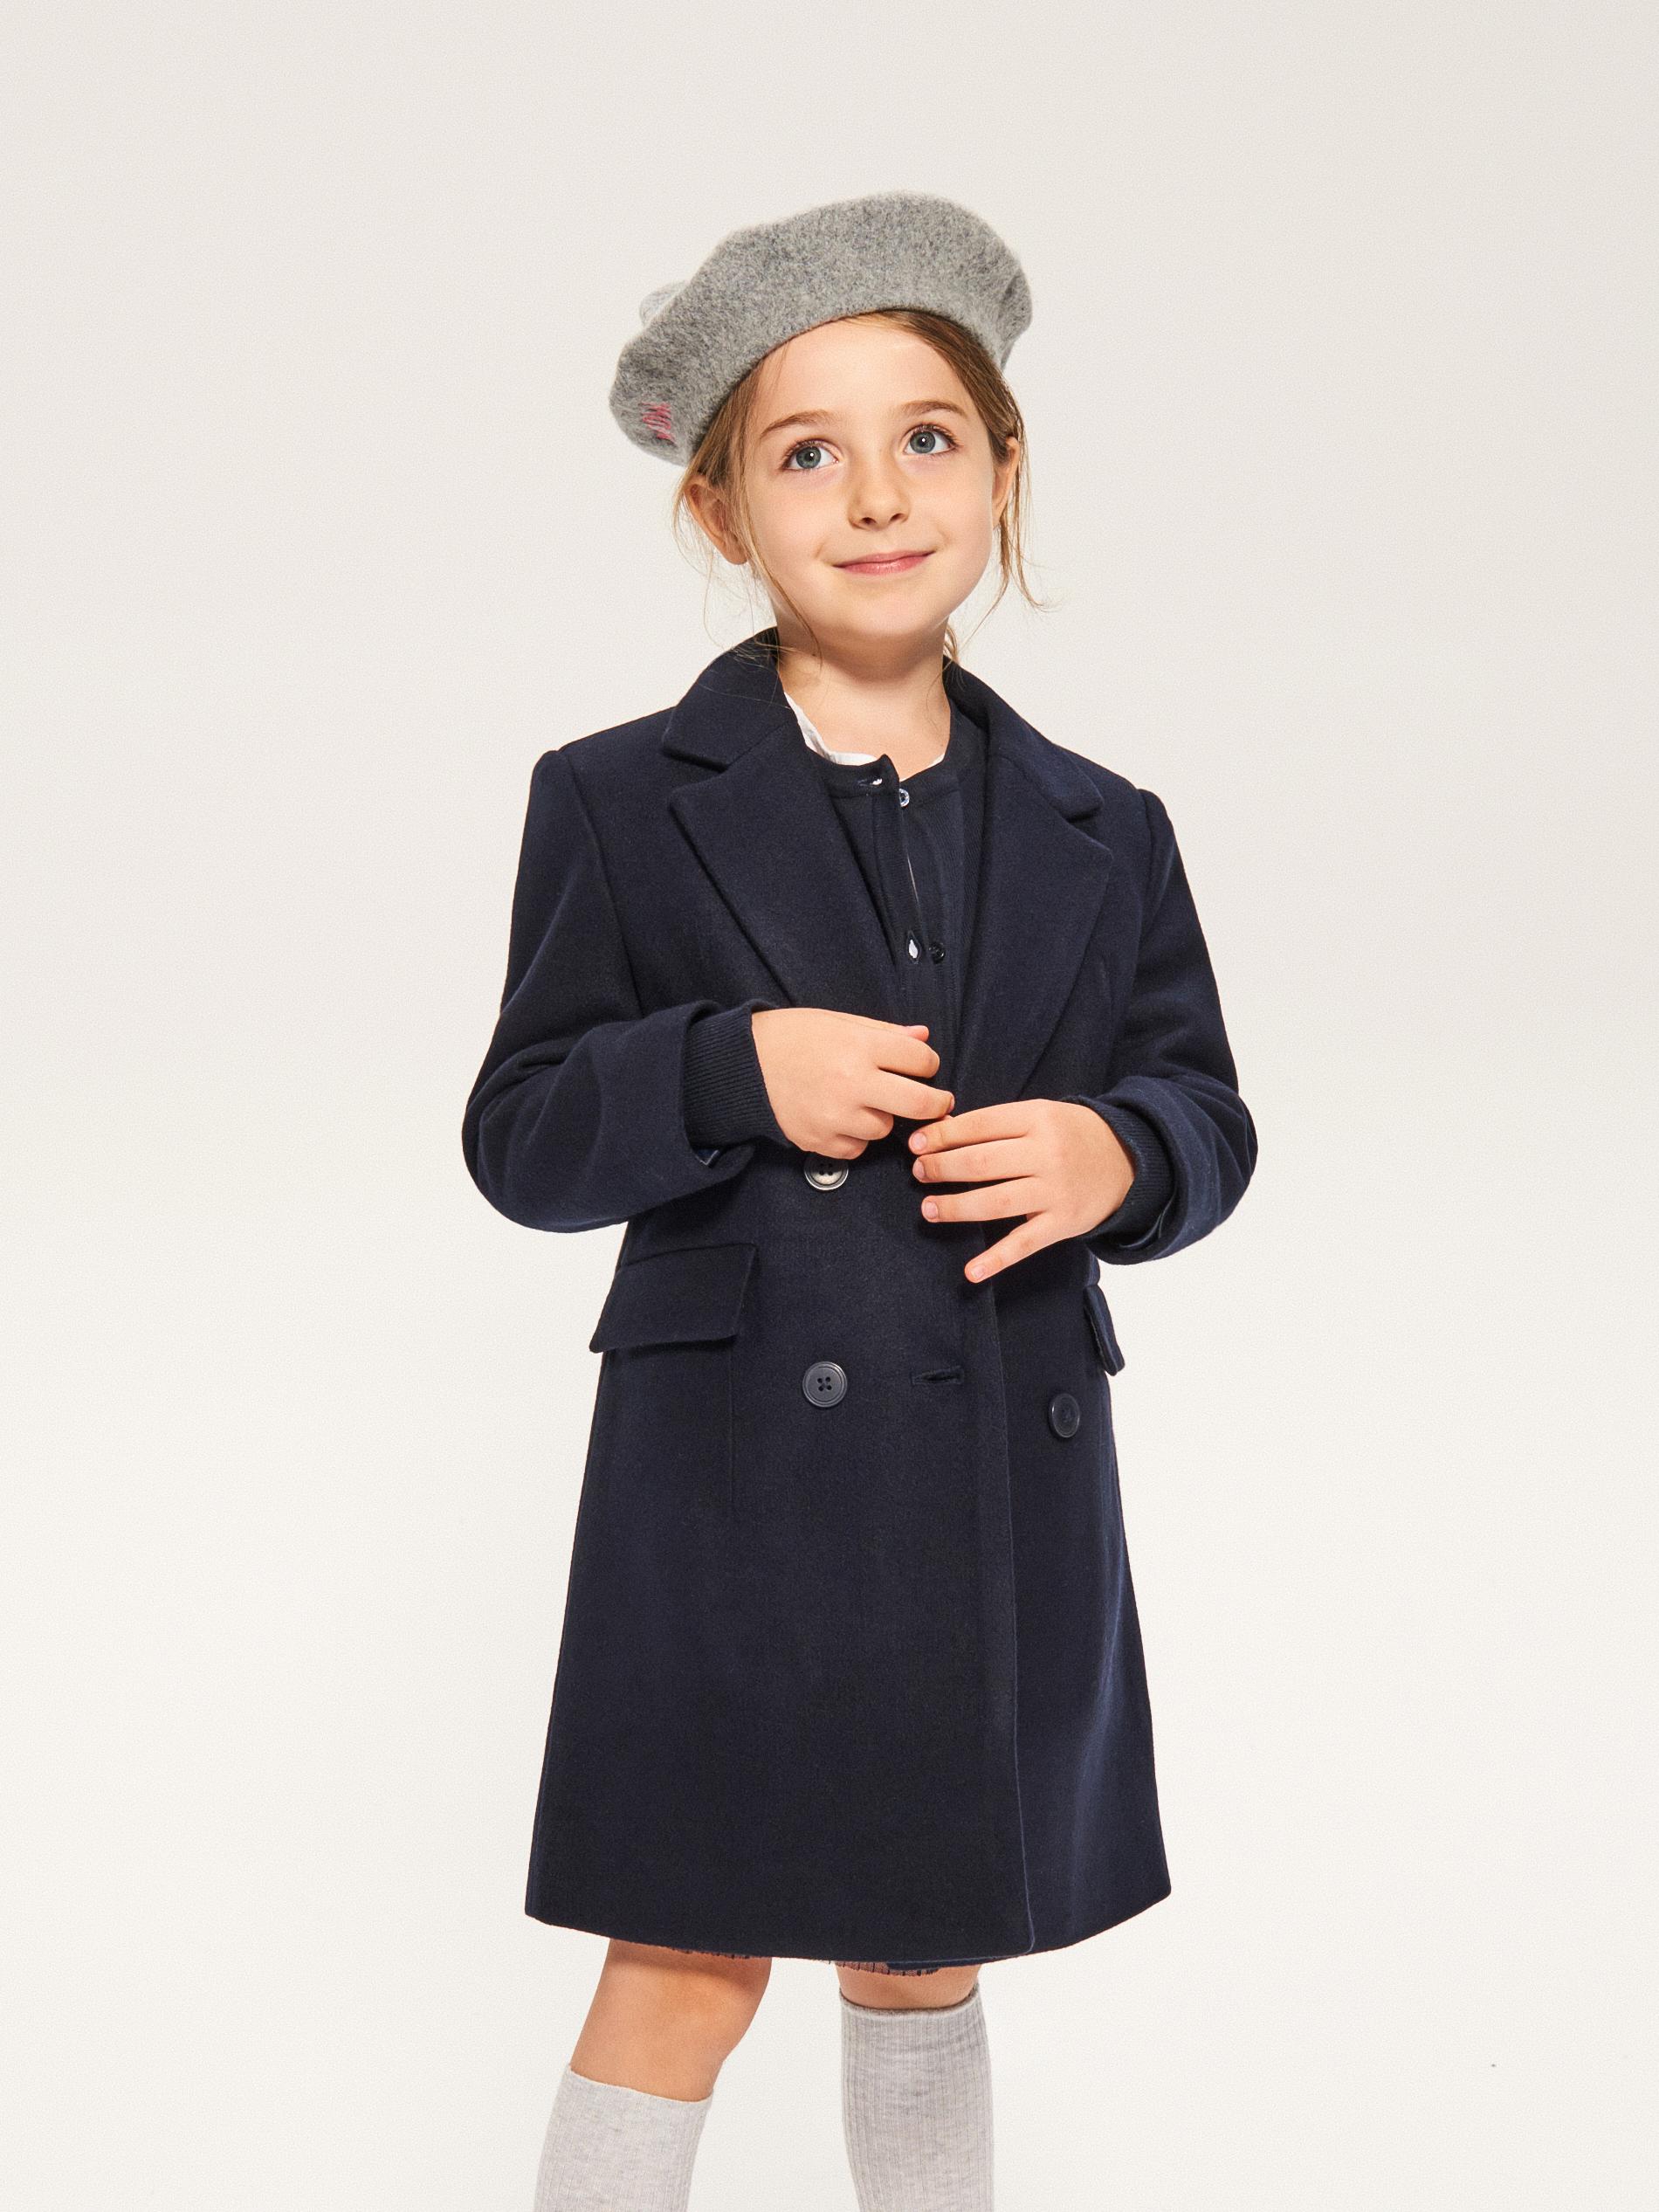 płaszczyk na zimę dla dziewczynki